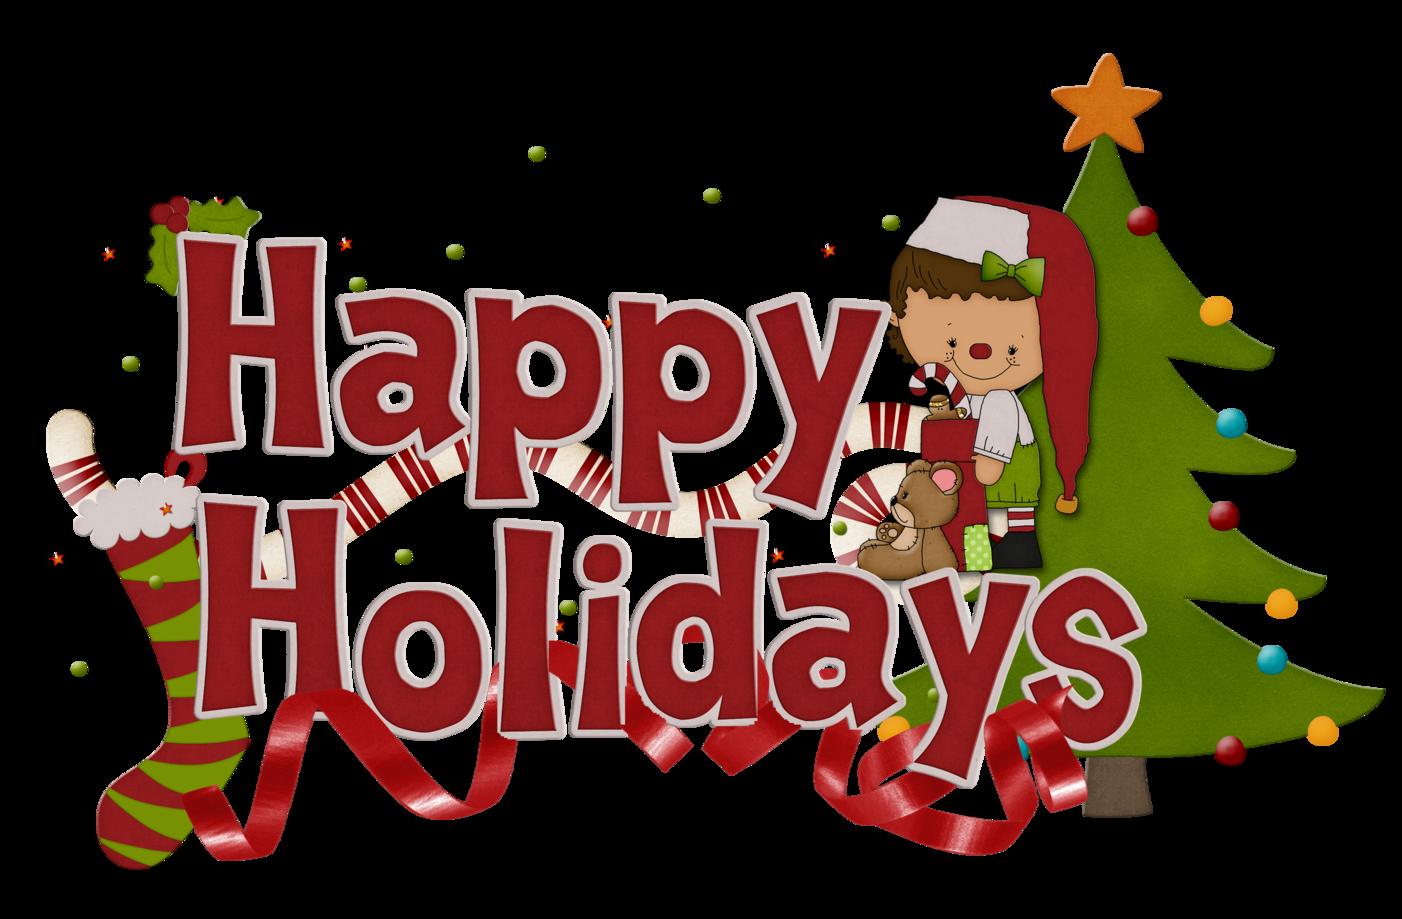 Happy Holidays Clip Art Free-Happy Holidays Clip Art Free-16